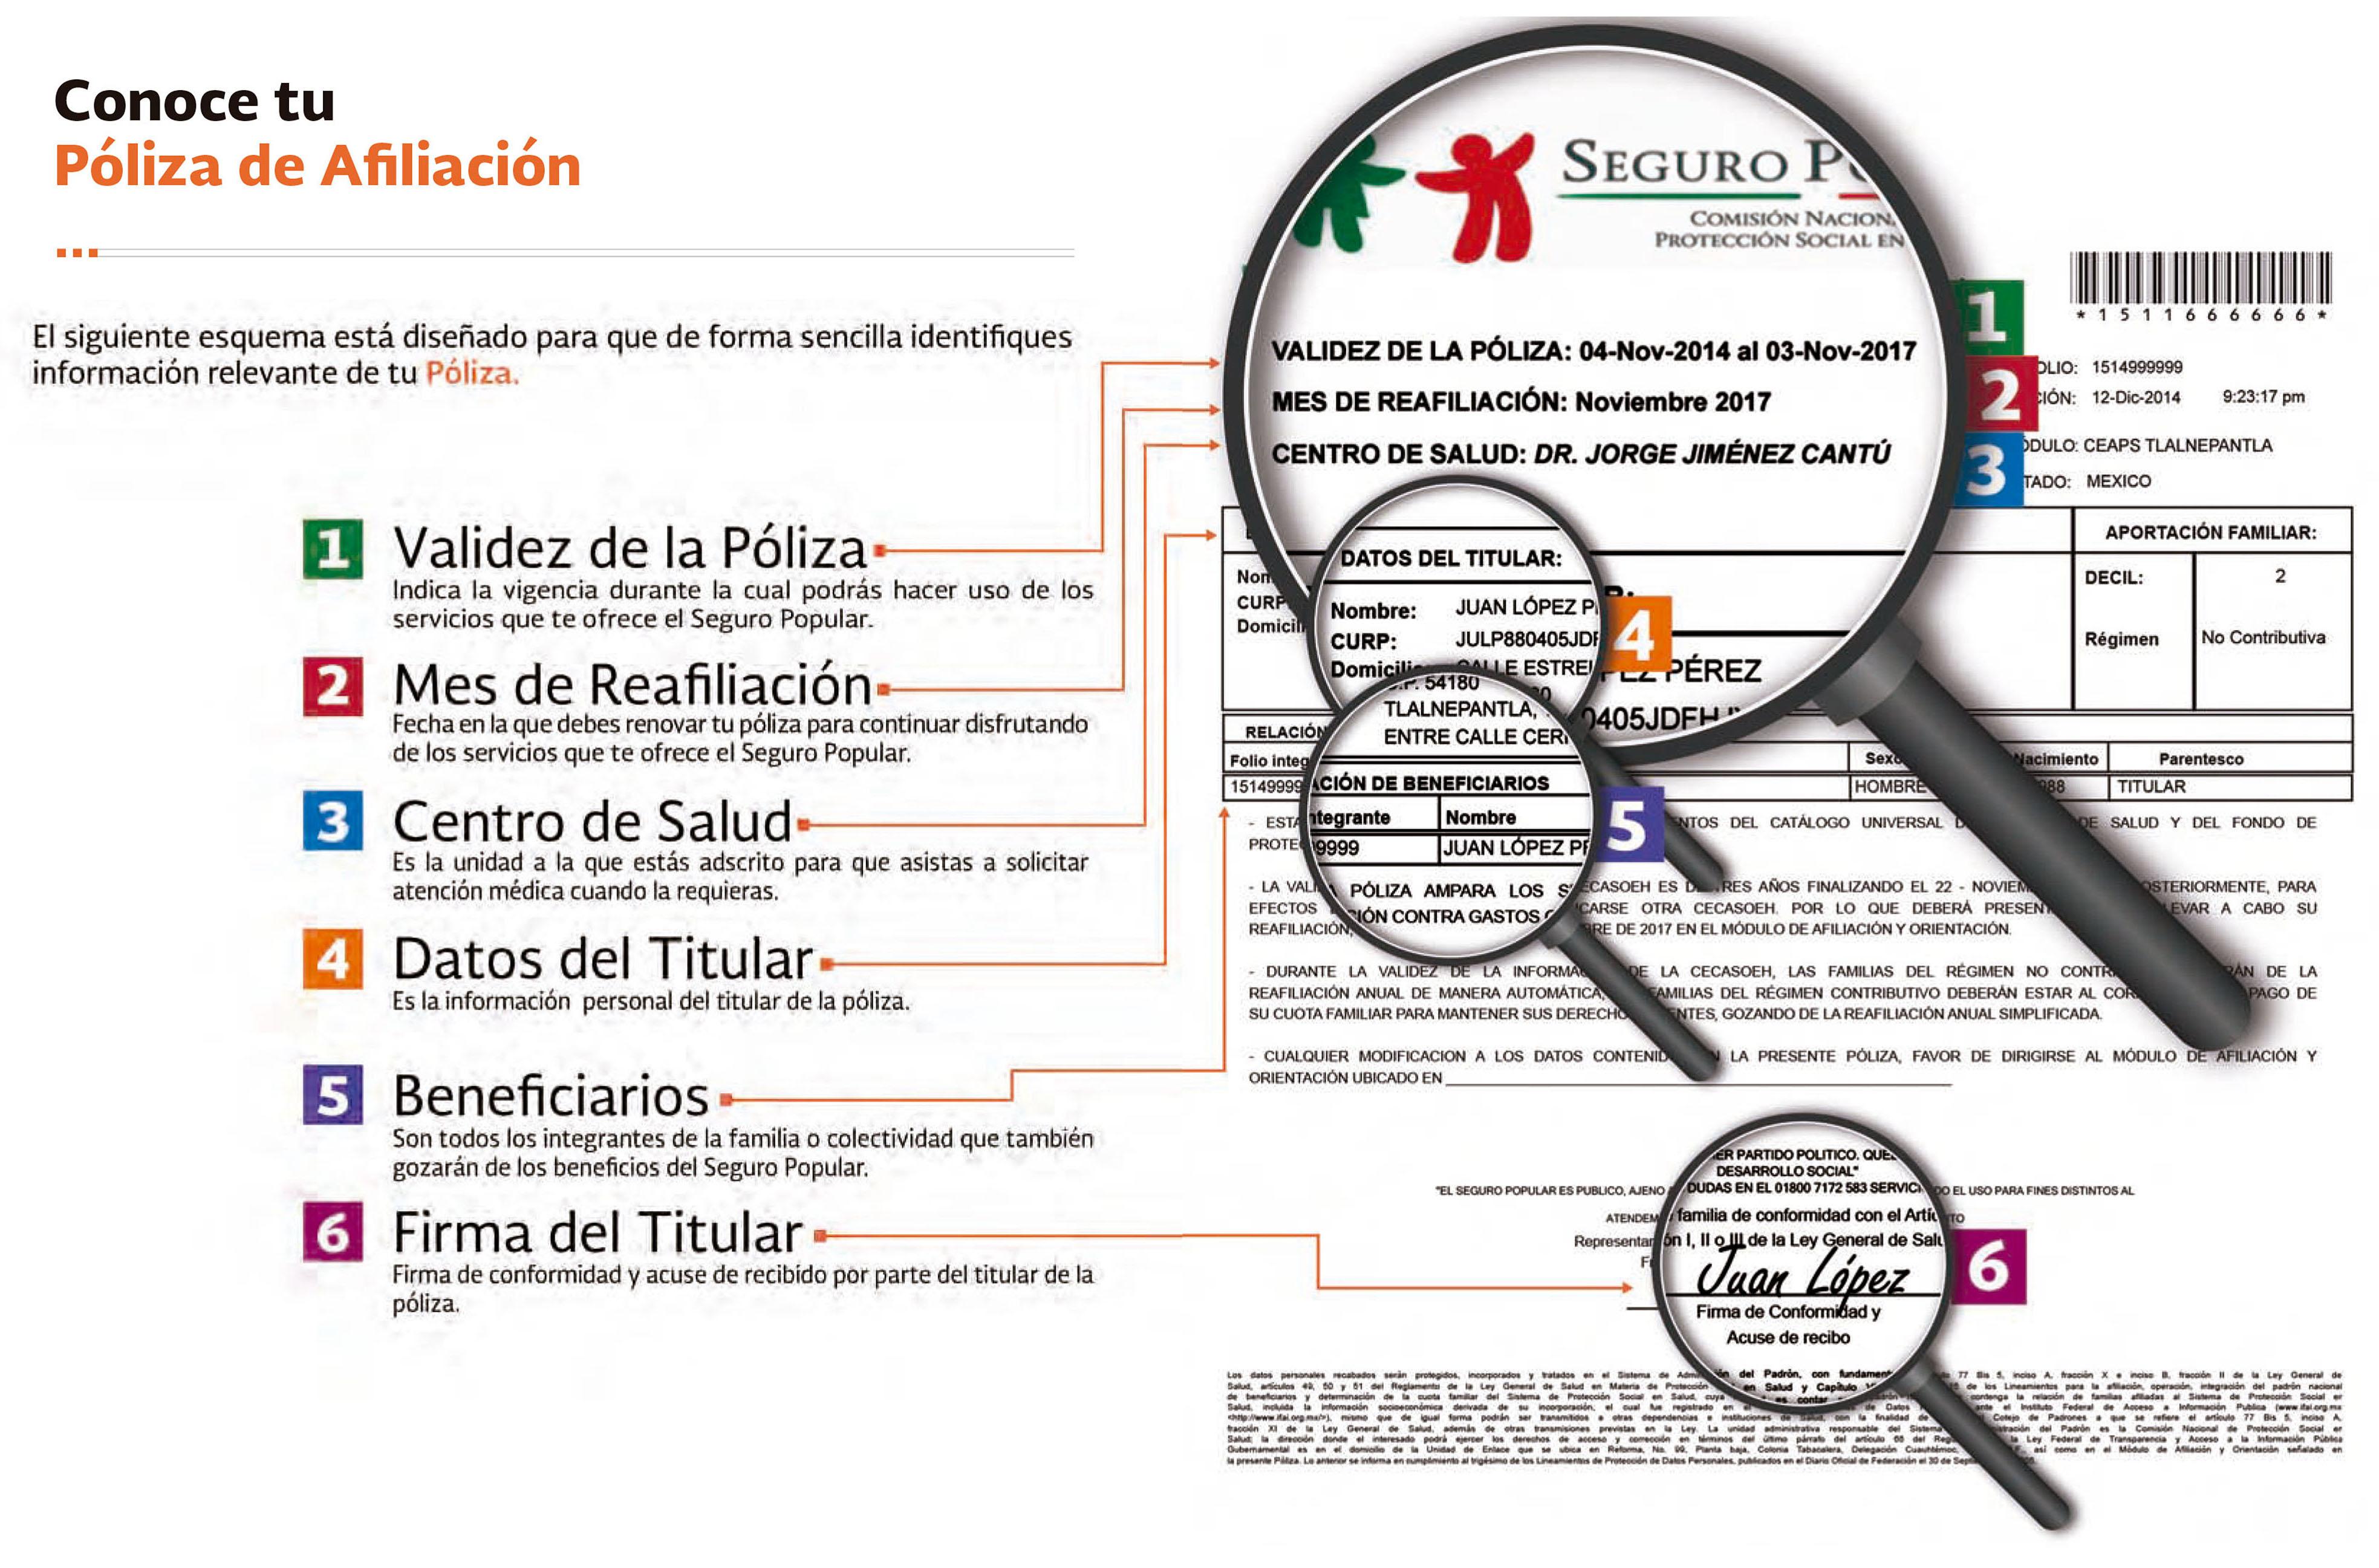 Conoce tu Póliza de Afiliación ¡Lo que debes saber! | Secretaría de ...